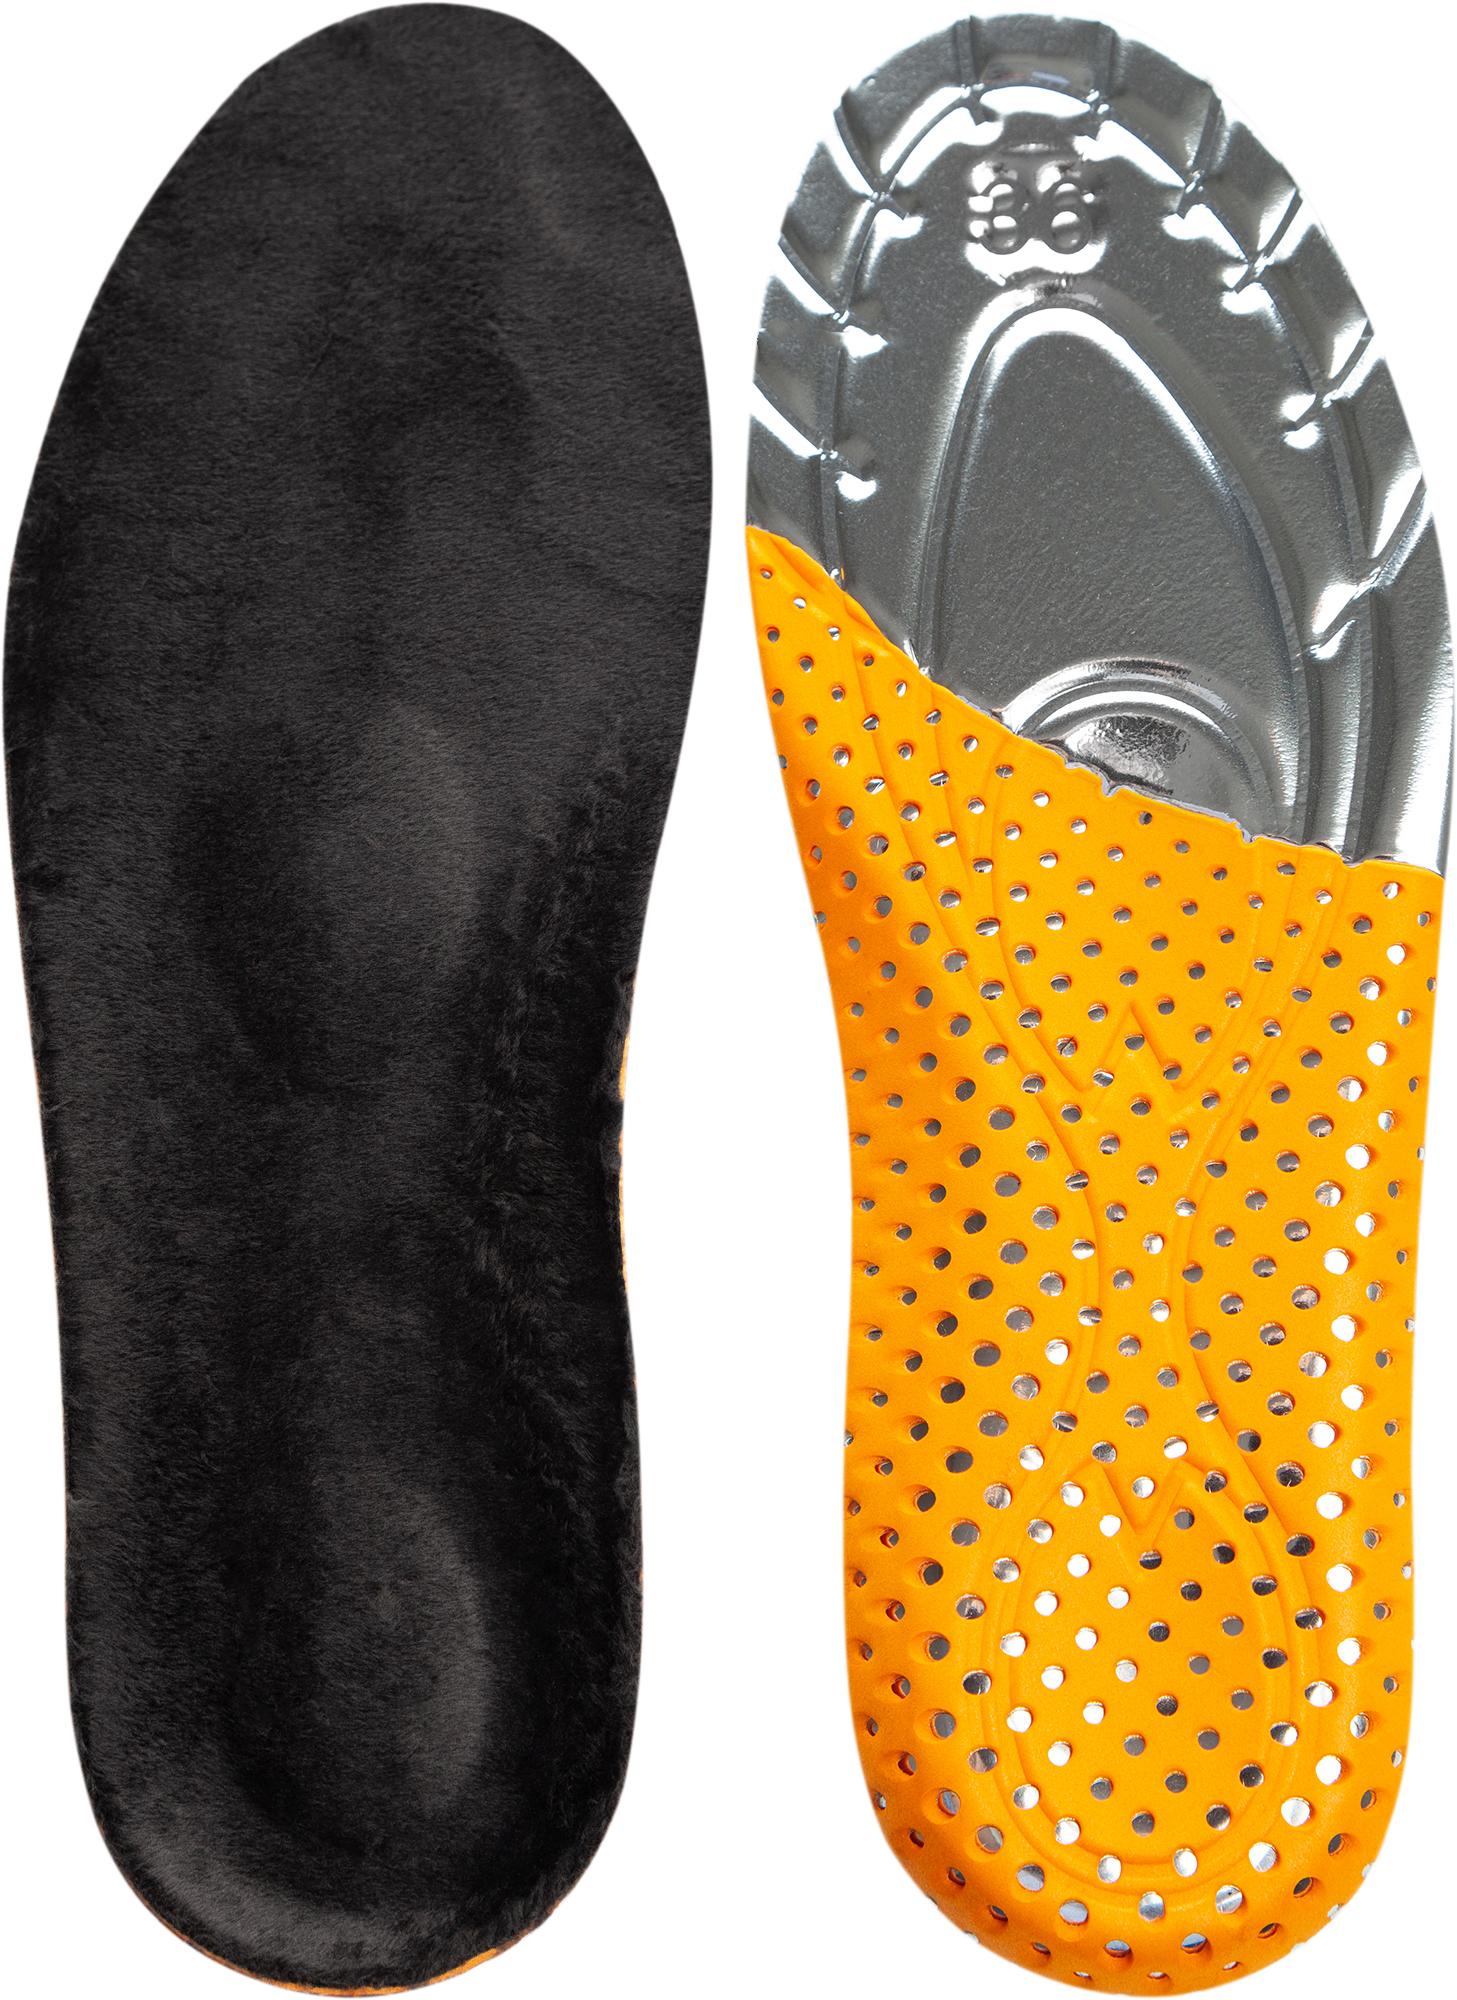 Woly Стельки анатомические зимние Sport, размер 39